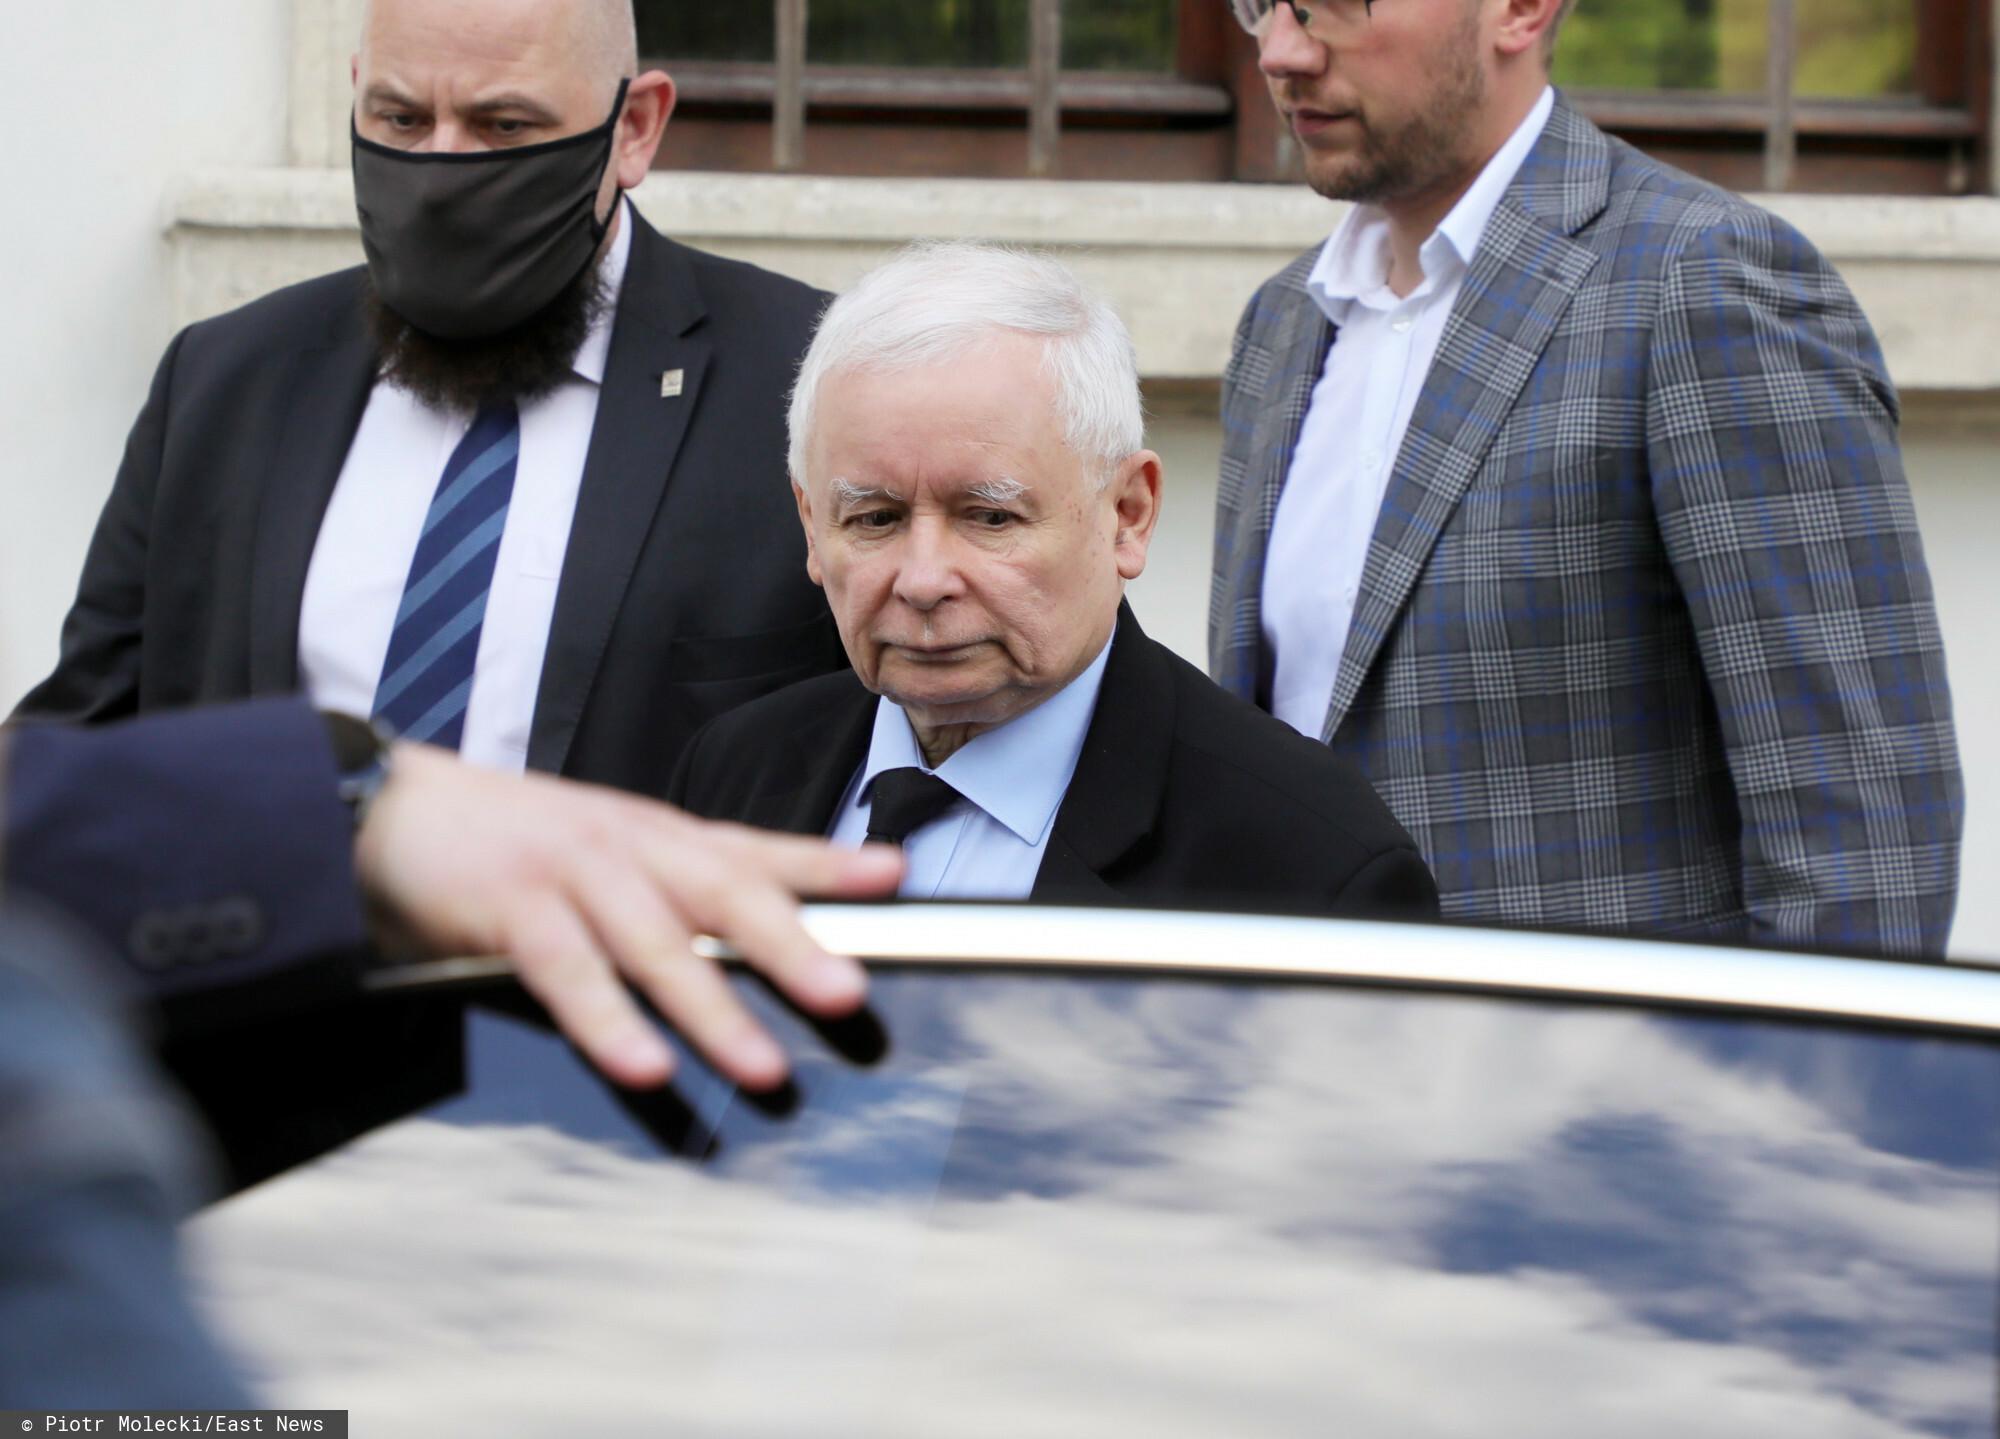 Piotr Molecki/East News - zdjęcie ilustracyjne